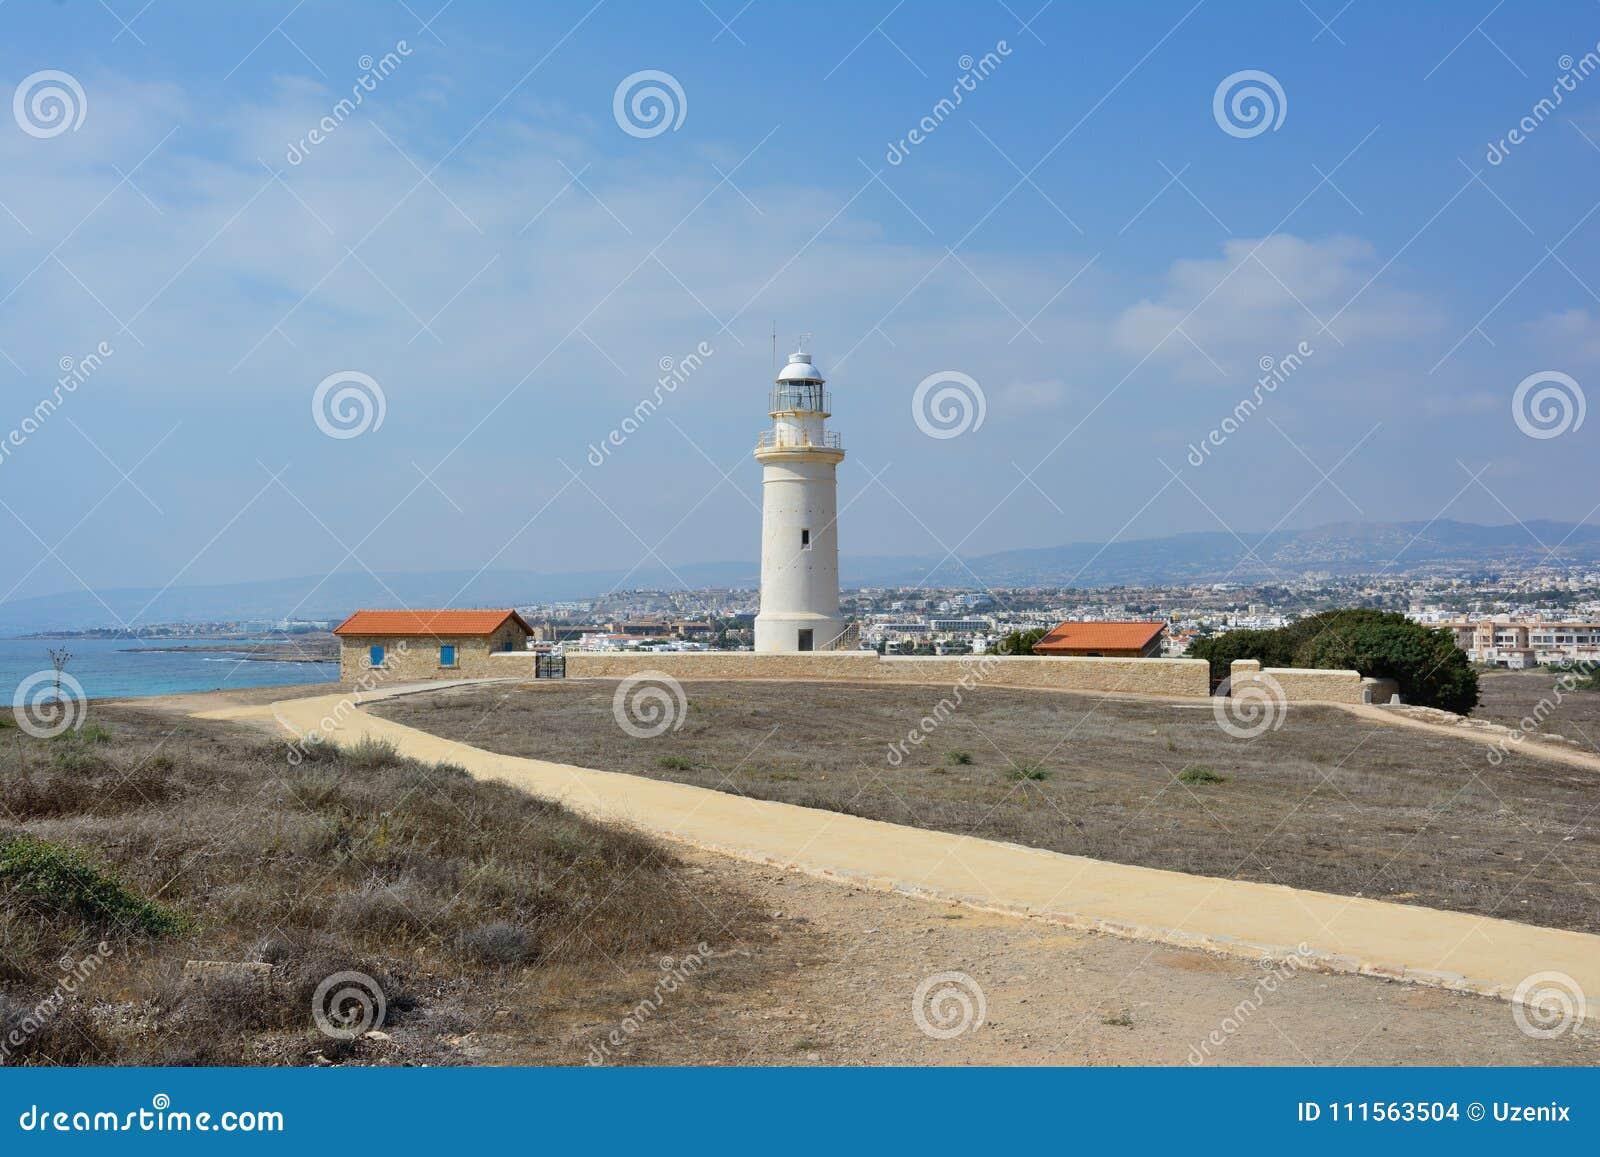 De oude die vuurtoren op de achtergrond van de stad van Paphos op het Eiland Cyprus in de Middellandse Zee wordt gevestigd